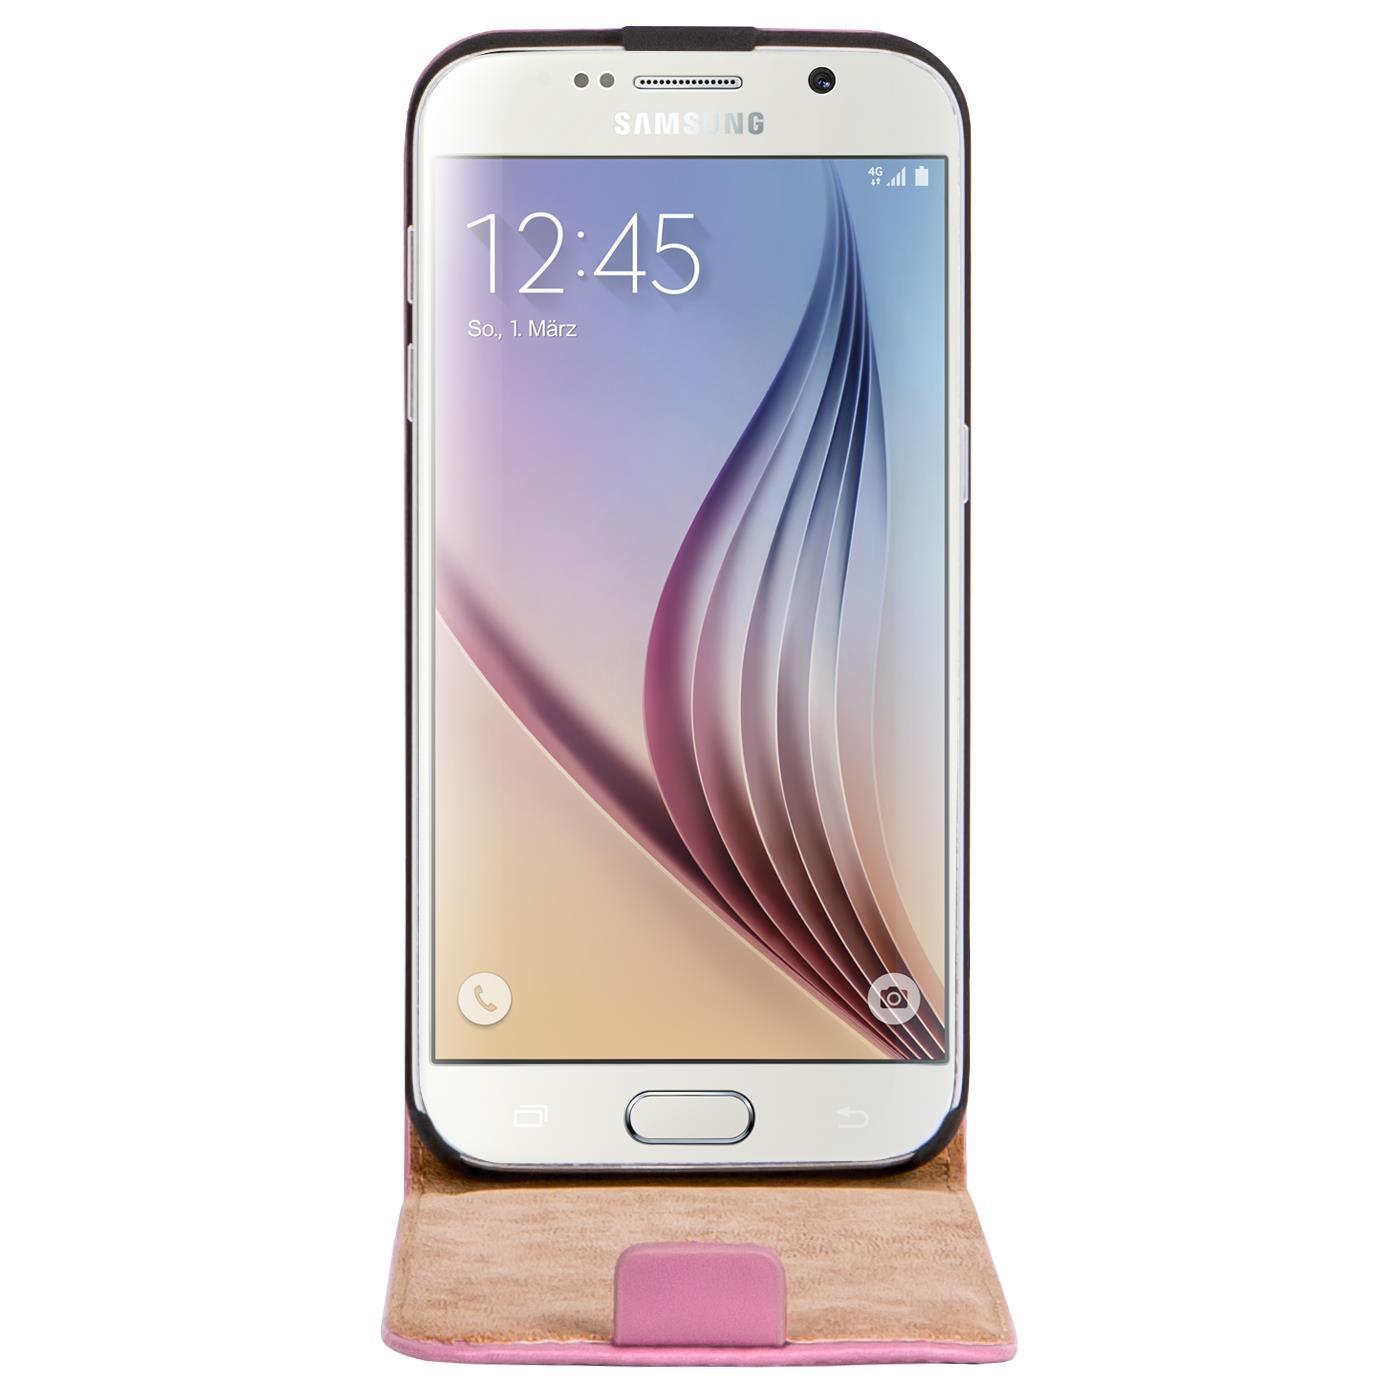 Klapphuelle-Samsung-Galaxy-Flip-Case-Tasche-Schutzhuelle-Cover-Schutz-Handy-Huelle Indexbild 62